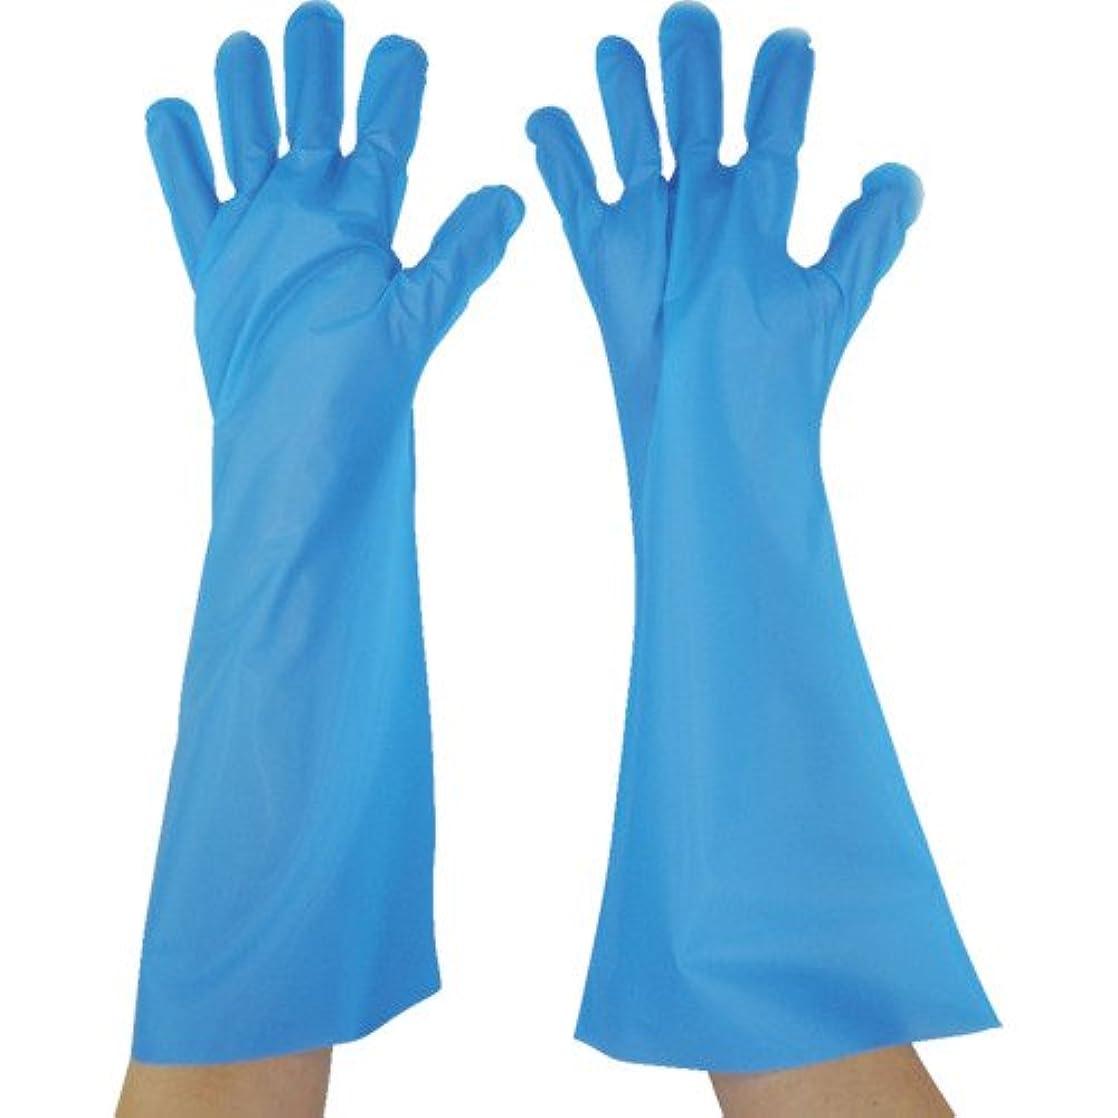 オート愛情従順なエンボス手袋 #50 ロング ブルー(五本絞り)50枚入 M 45μ